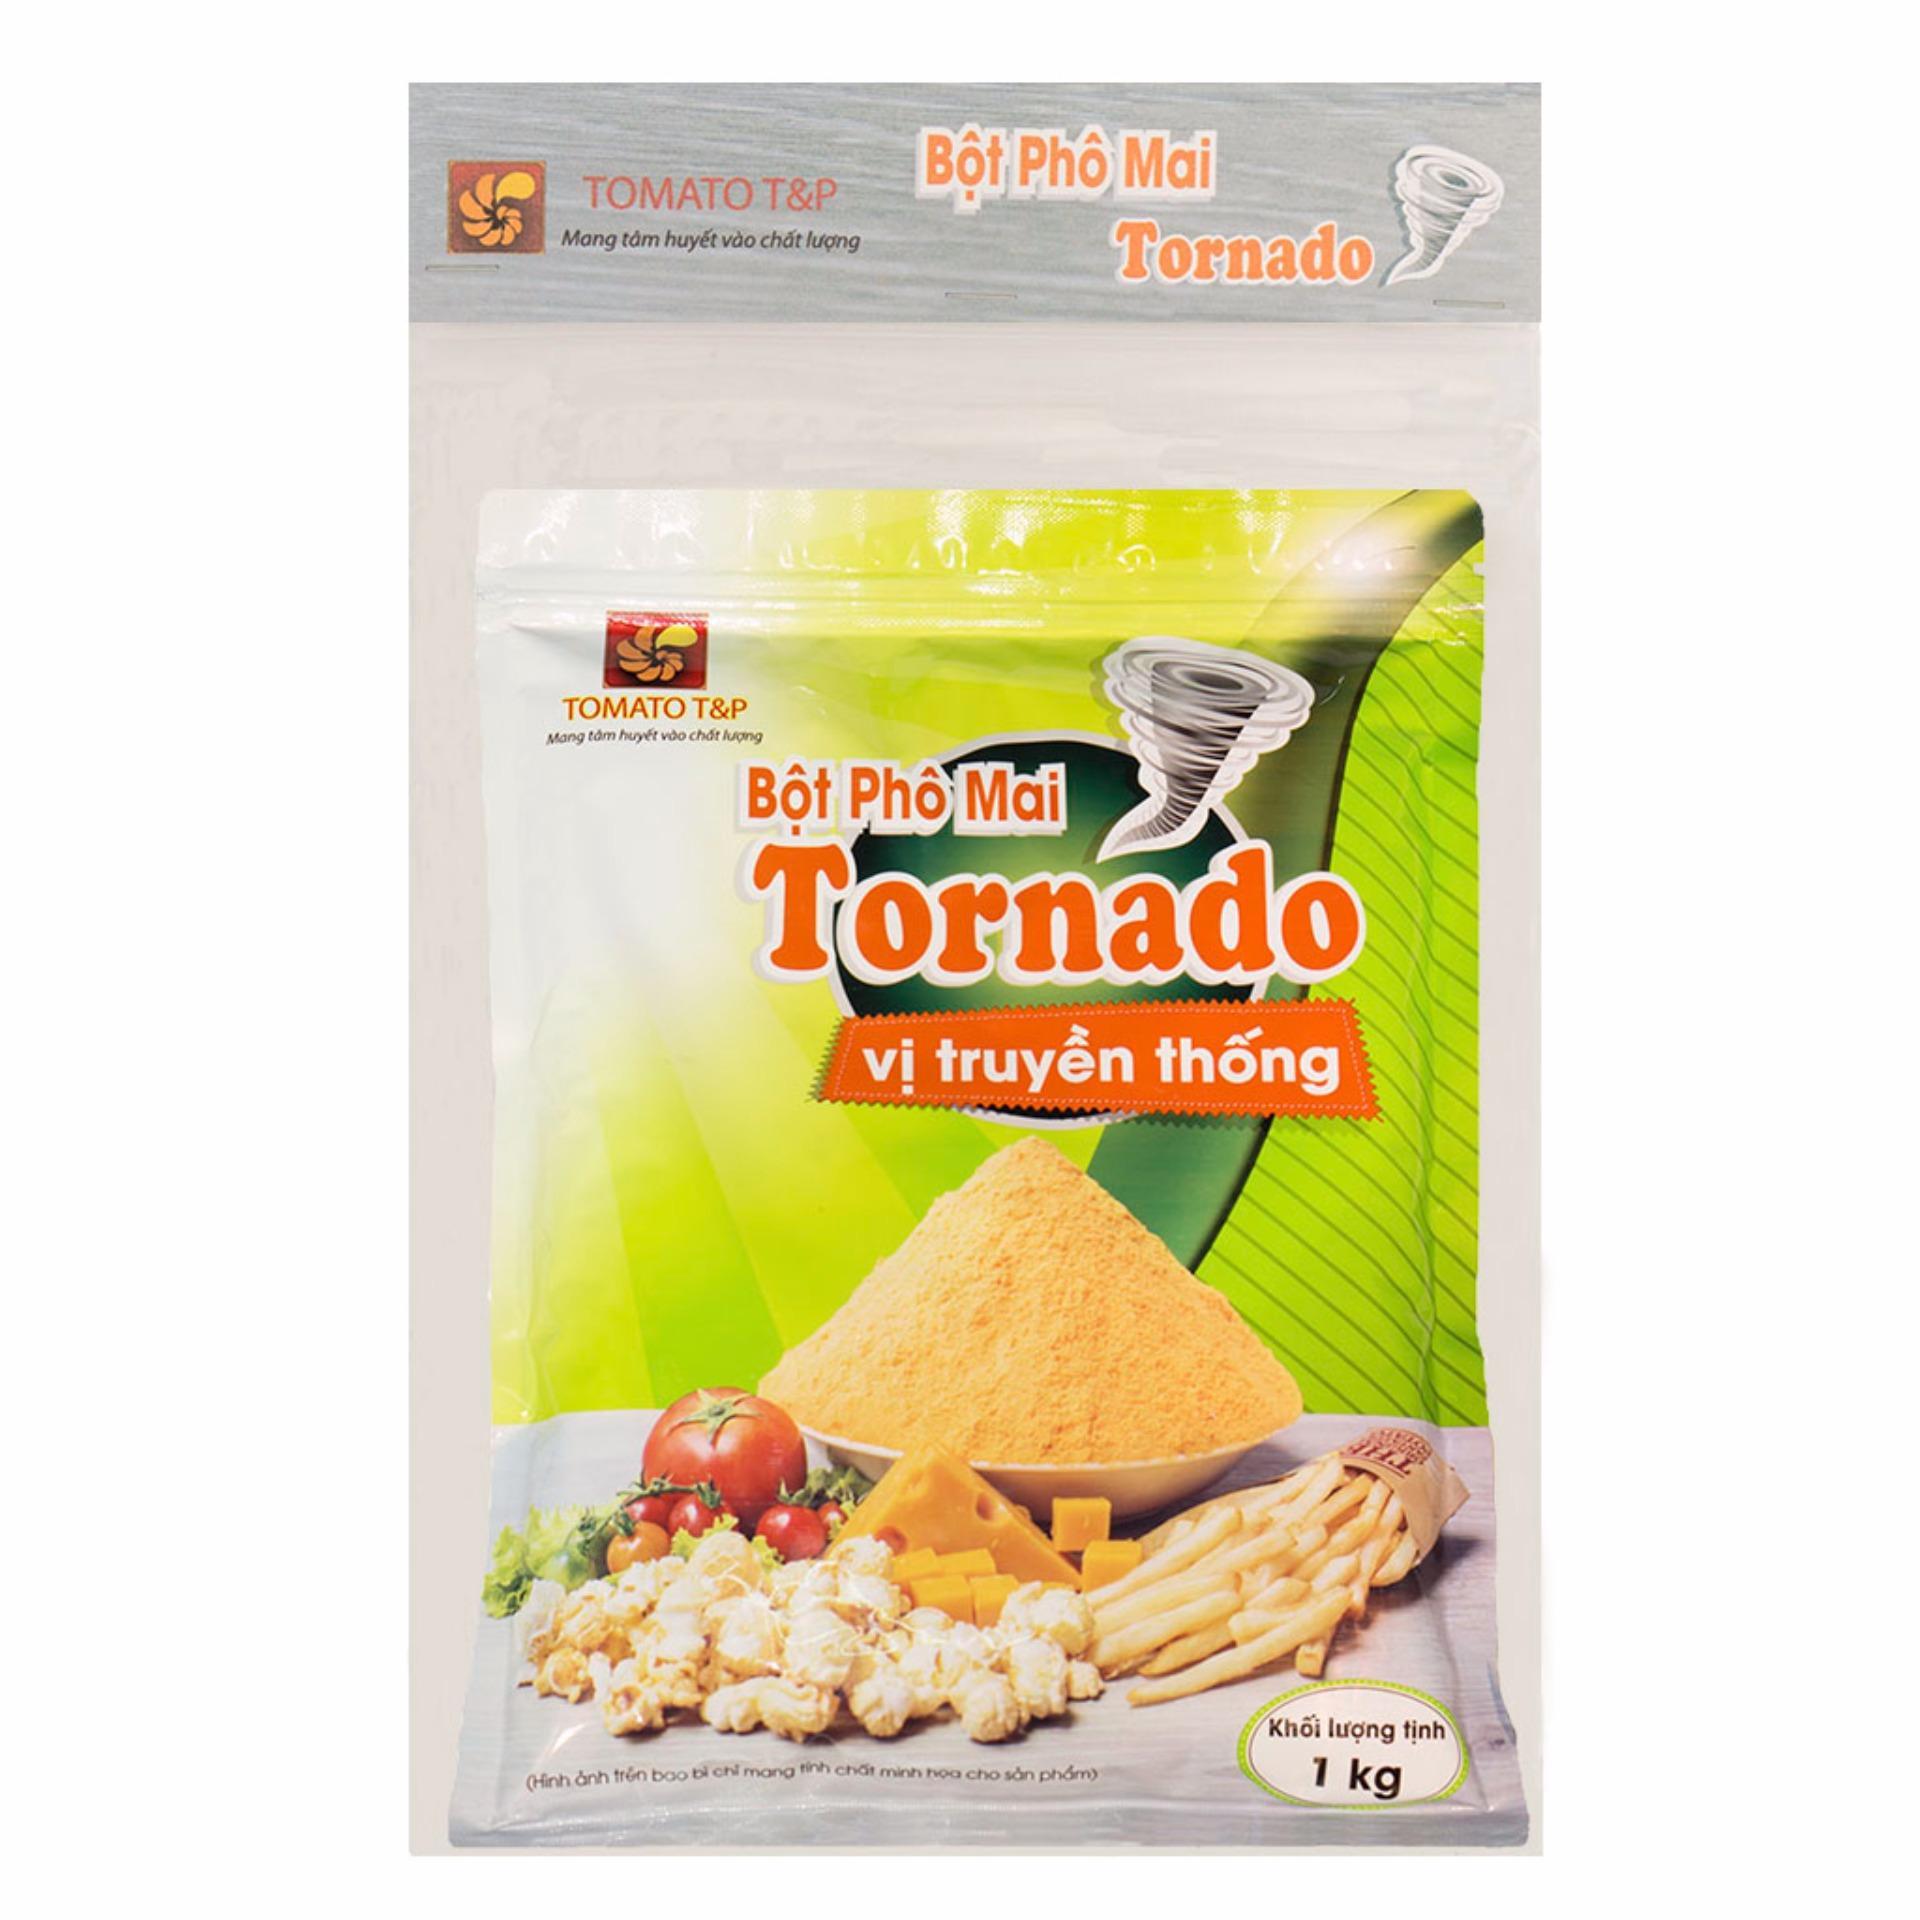 Trang bán Bộ 1 bột phô mai truyền thống 1kg và 1 bột phô mai truyền thống vị cay 1kg Tornado